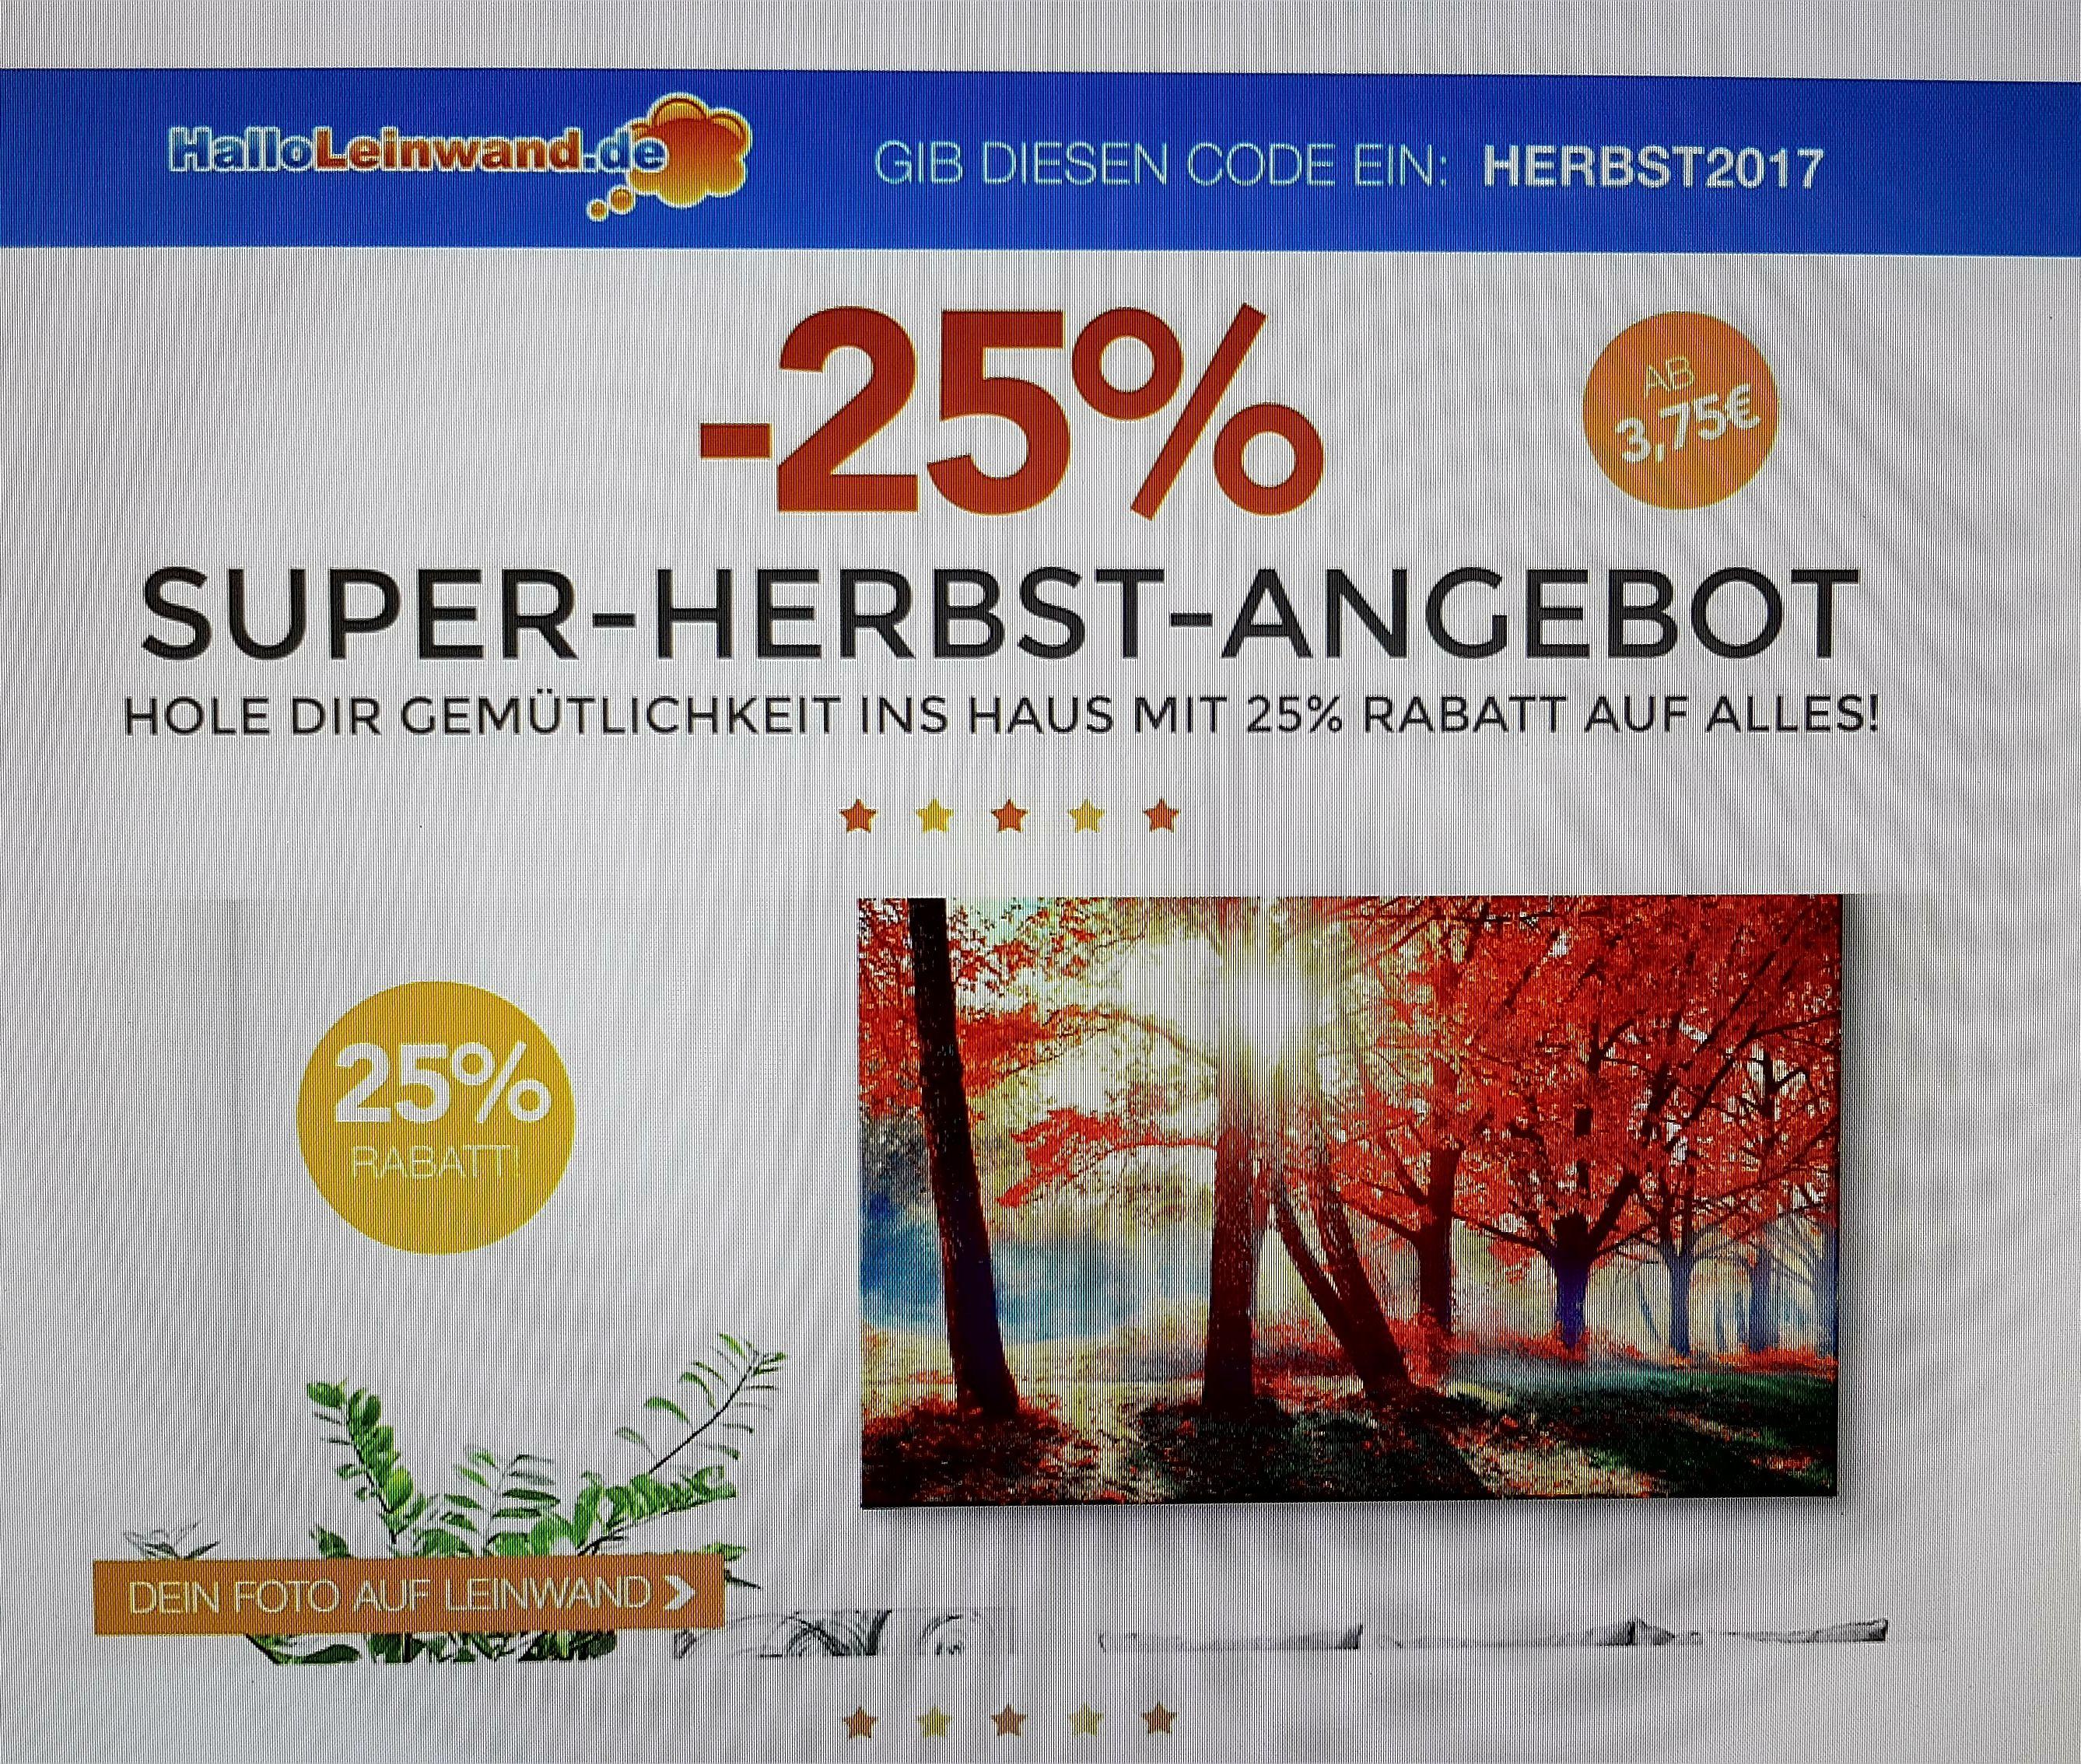 25% Rabatt auf alles bei HalloLeinwand.de